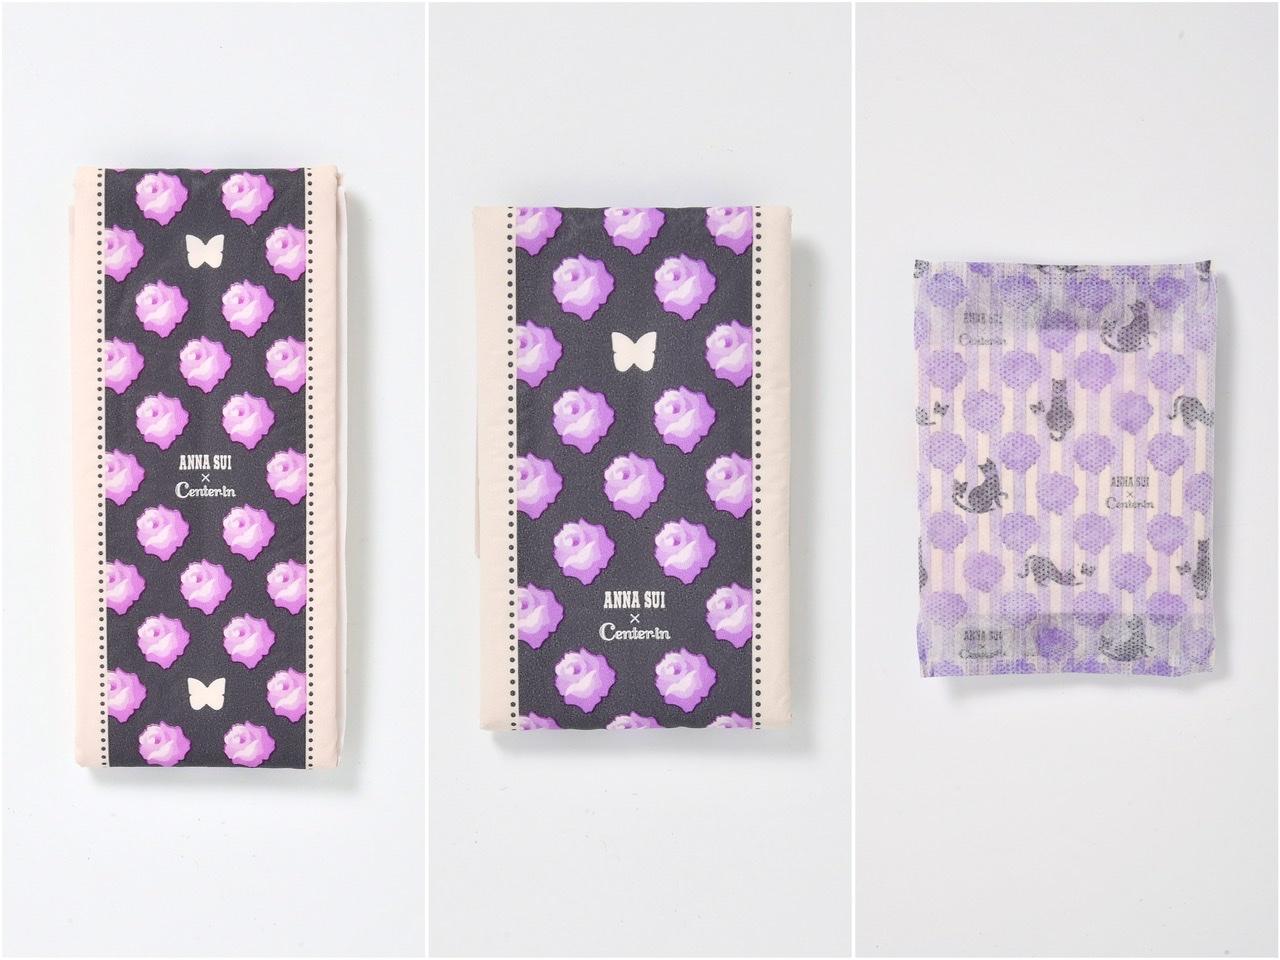 ユニチャーム×アナスイコラボパッケージの生理用ナプキン個包装